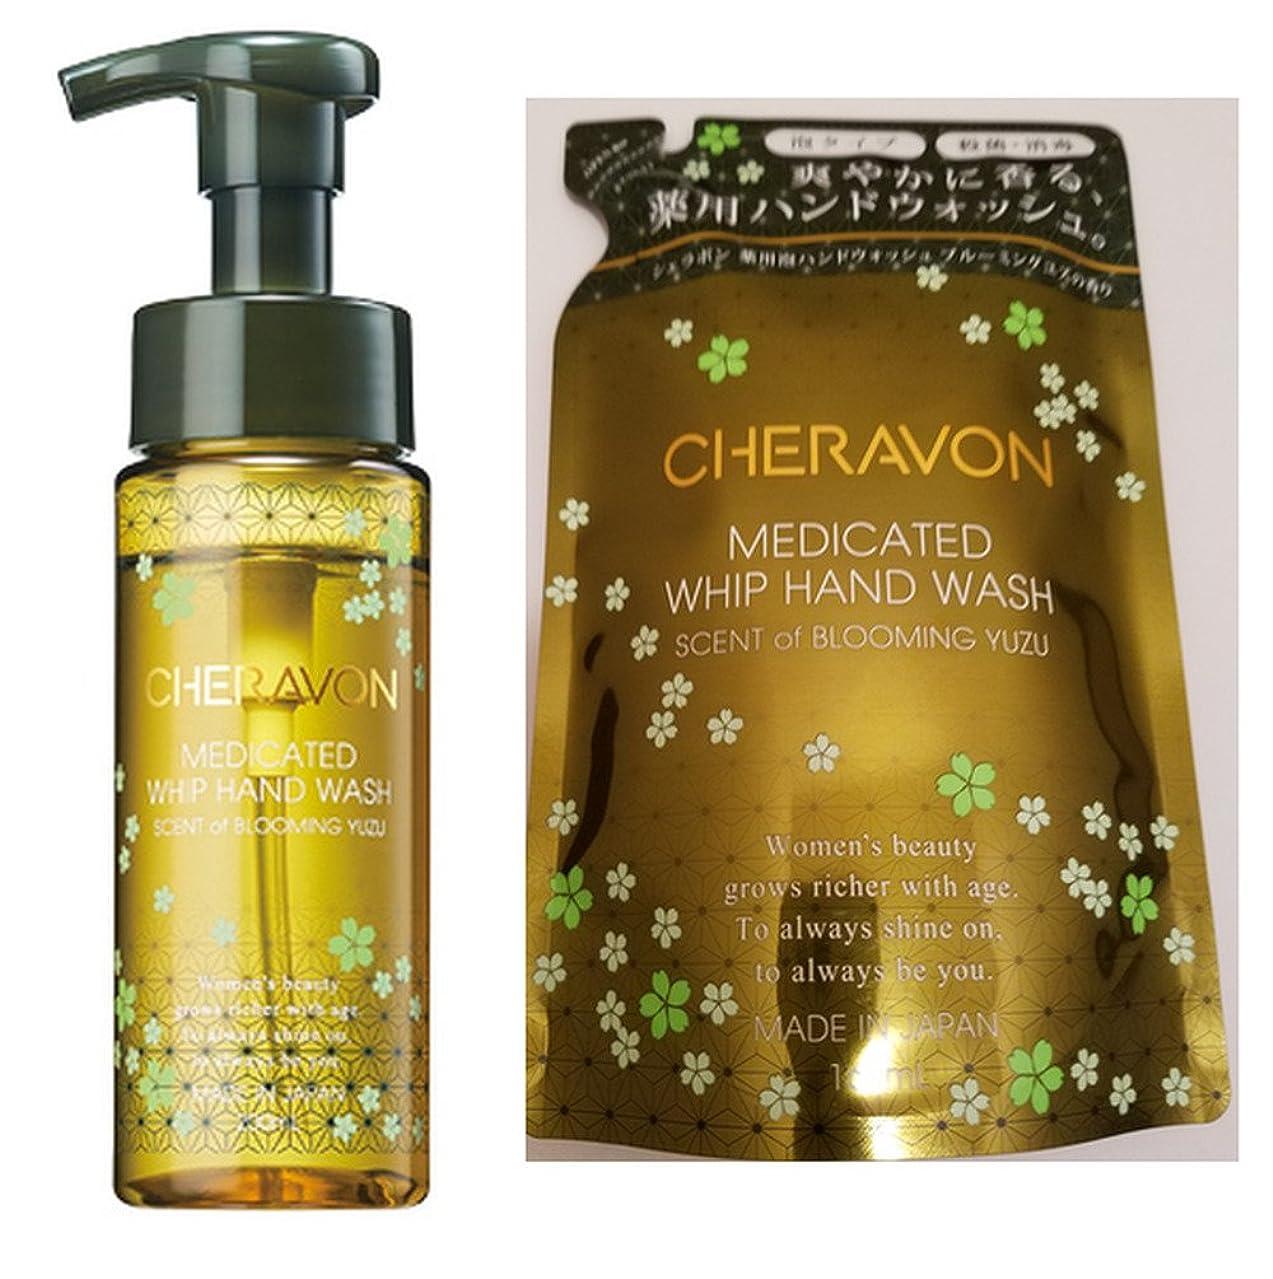 個性ペンス葉を拾うシェラボン 薬用泡 ハンドウォッシュ ブルーミング ゆずの香り セット(本体+レフィル お得な限定セット) CHERAVON